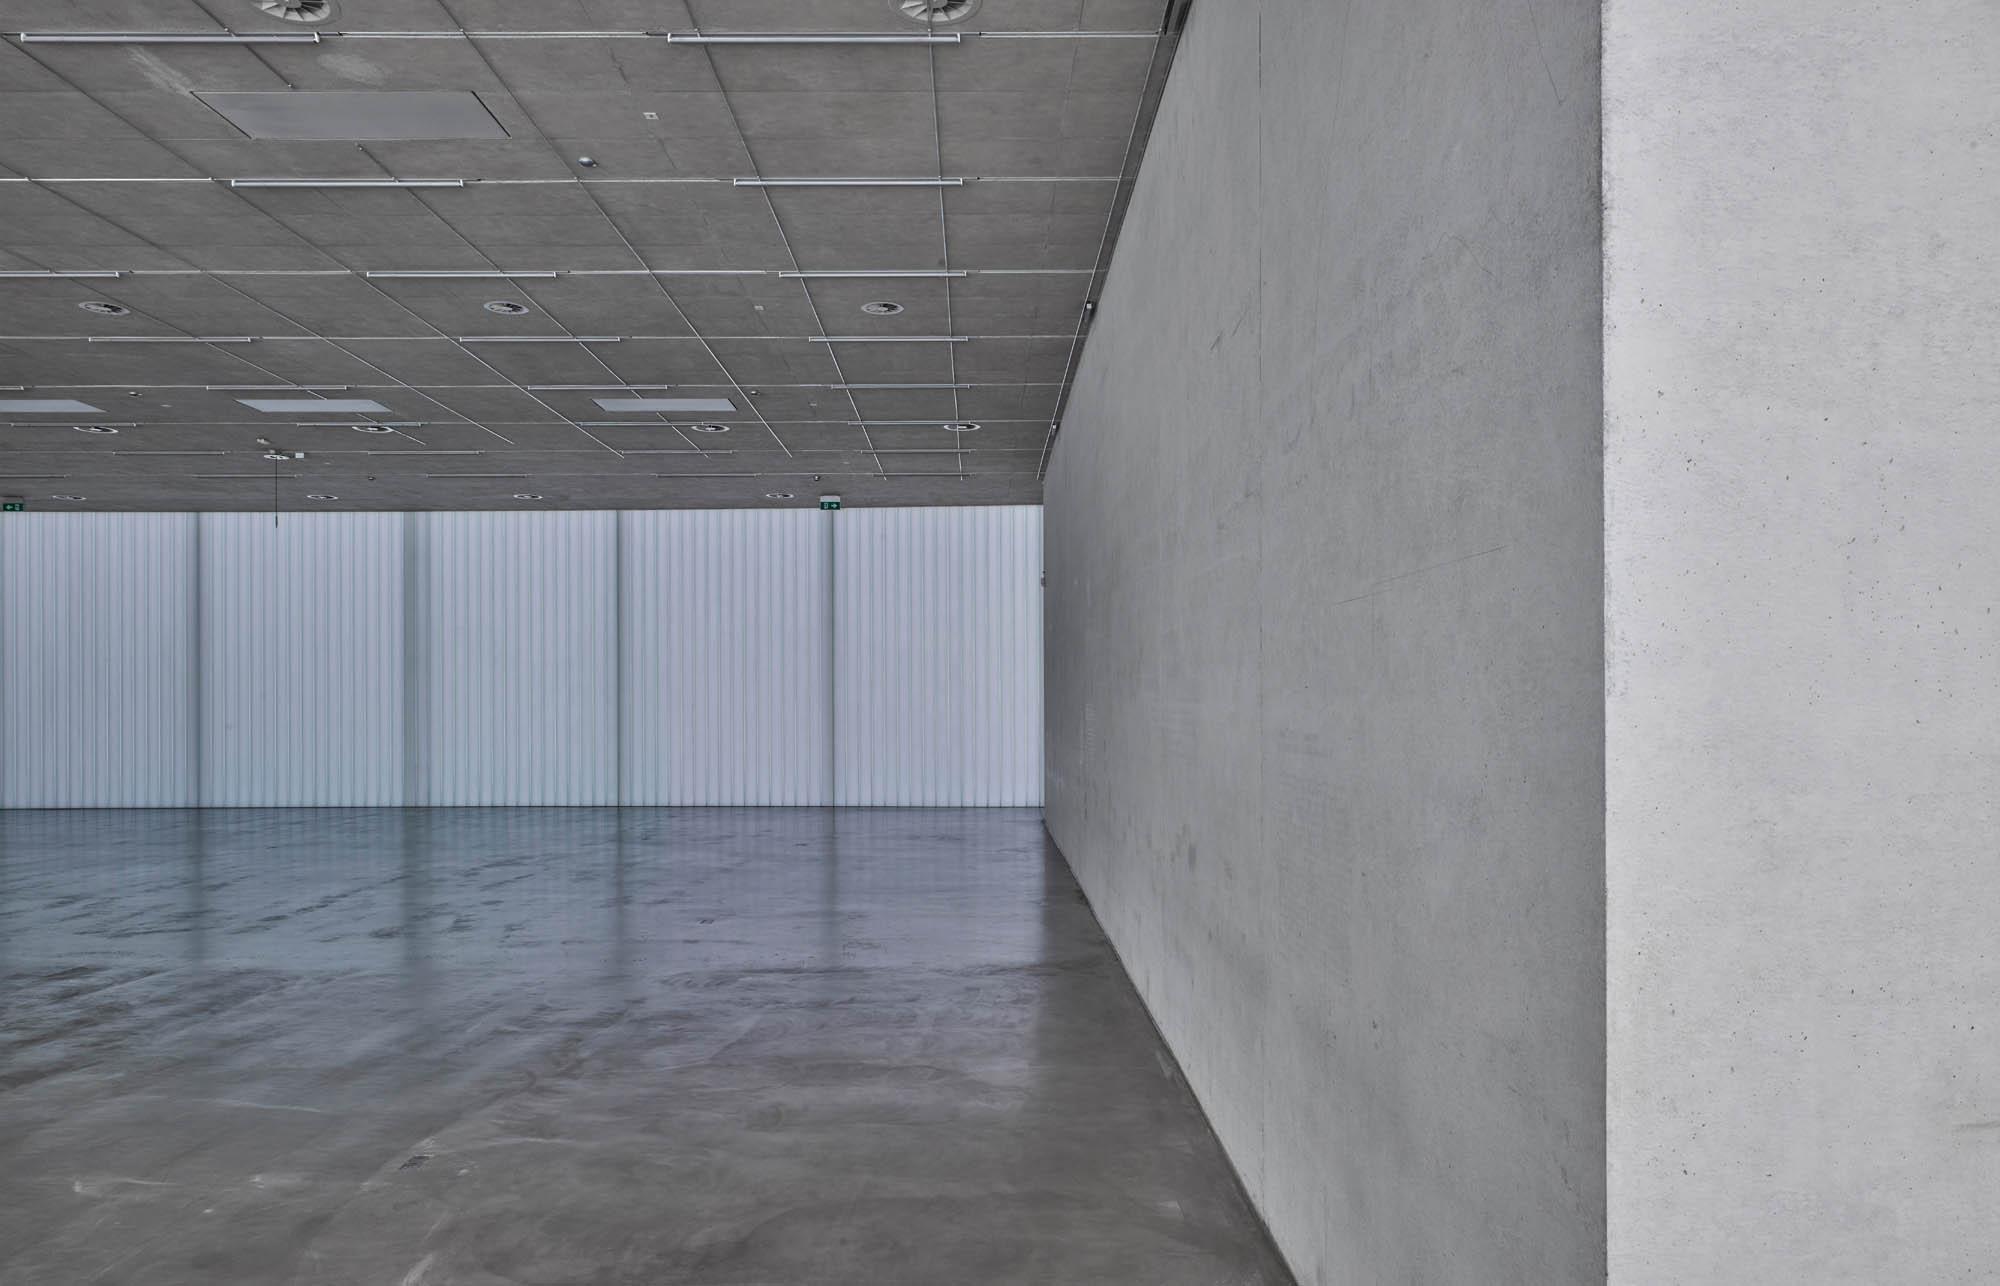 OPC 160908 0069 - Galerie Stihl Waiblingen: Ablichtung der Ausstellungshalle